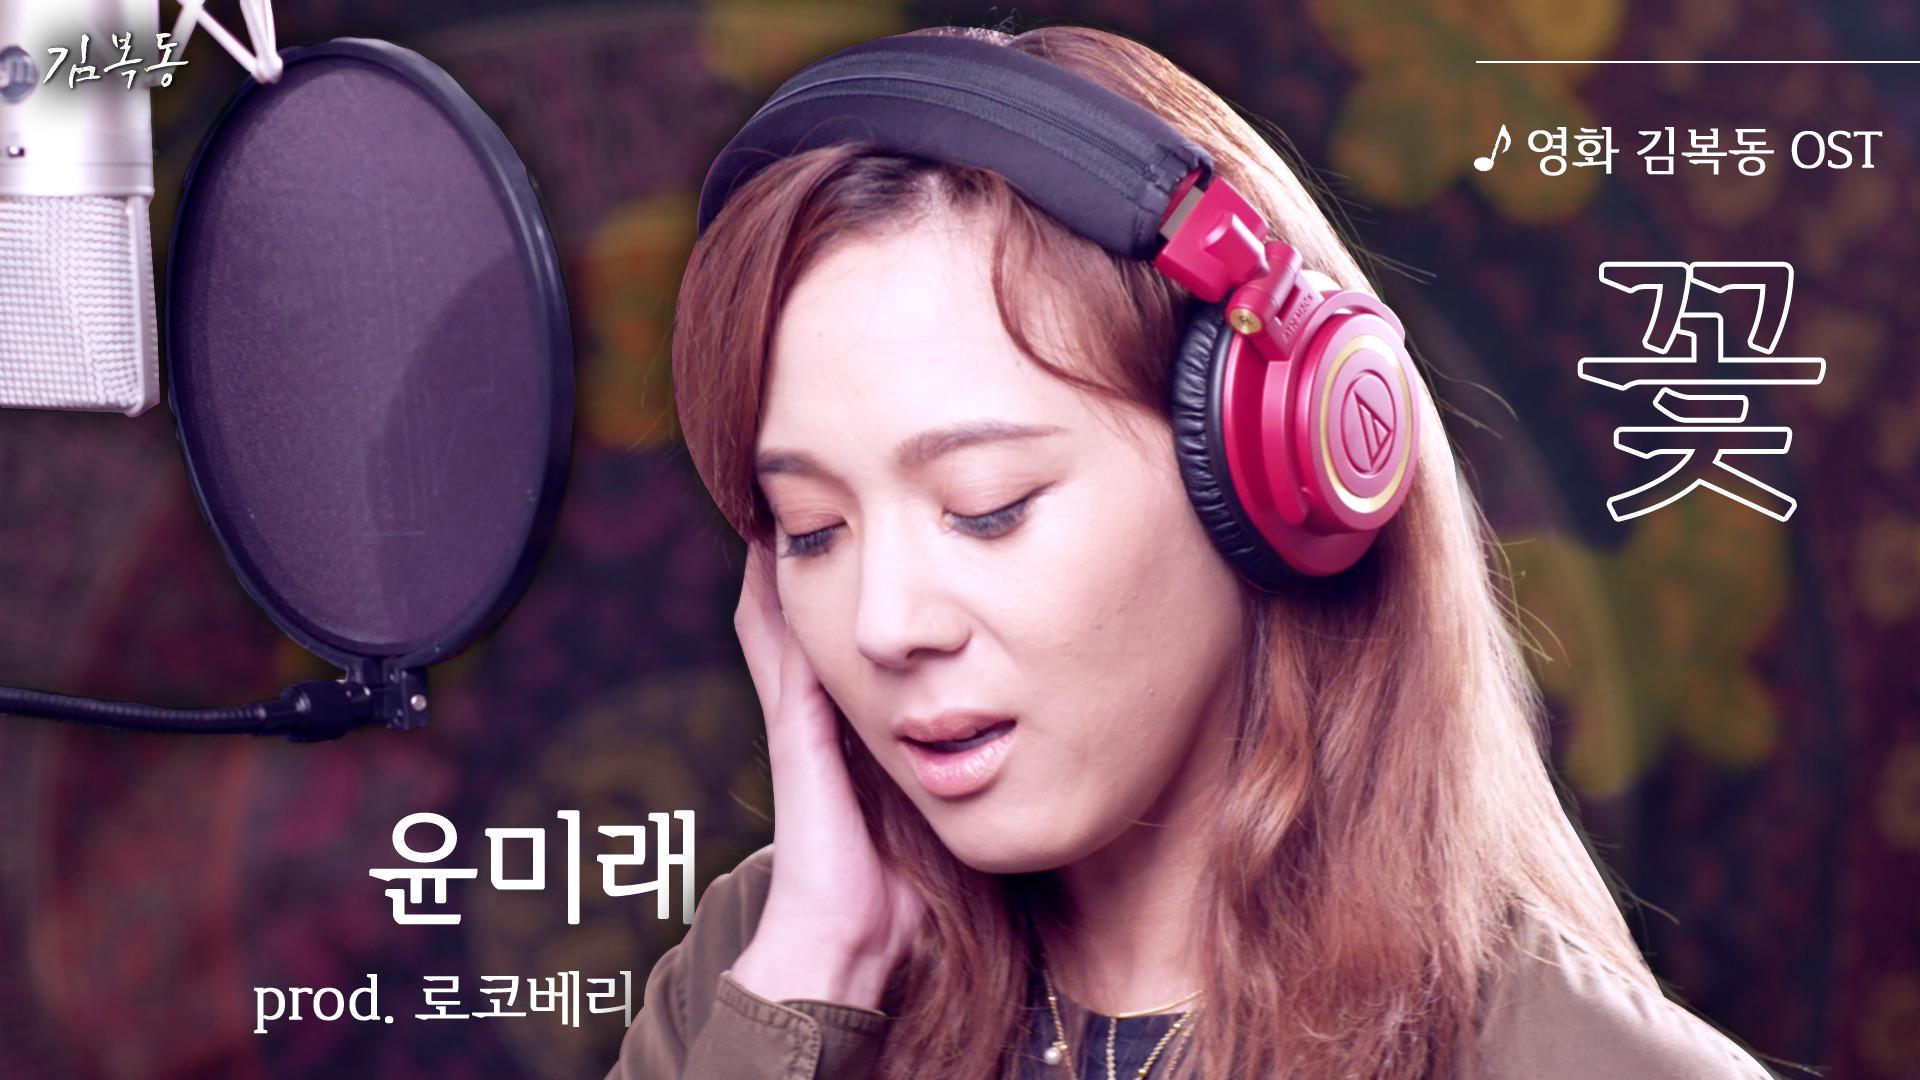 윤미래 & 로코베리의 헌정곡 '꽃' 공개